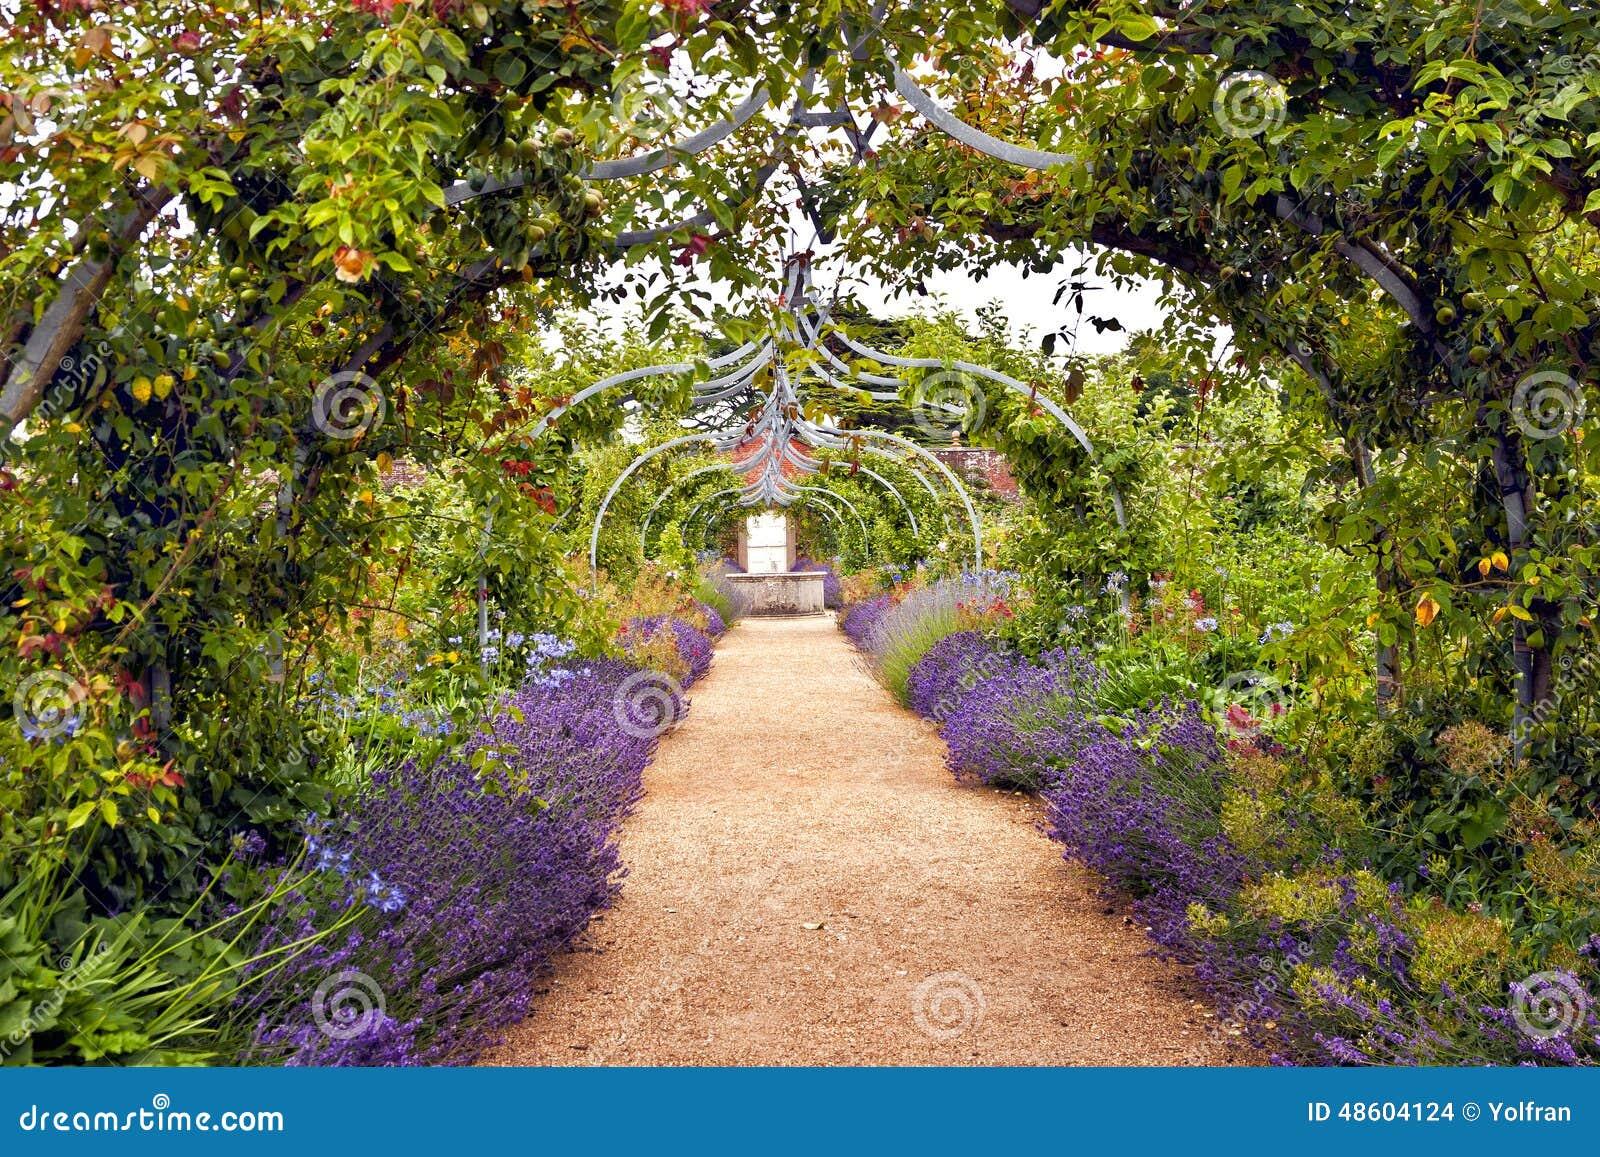 Romantischer Garten Voll Von Blumen In Der Blüte Stockfoto - Bild ... Ein Romantischer Garten